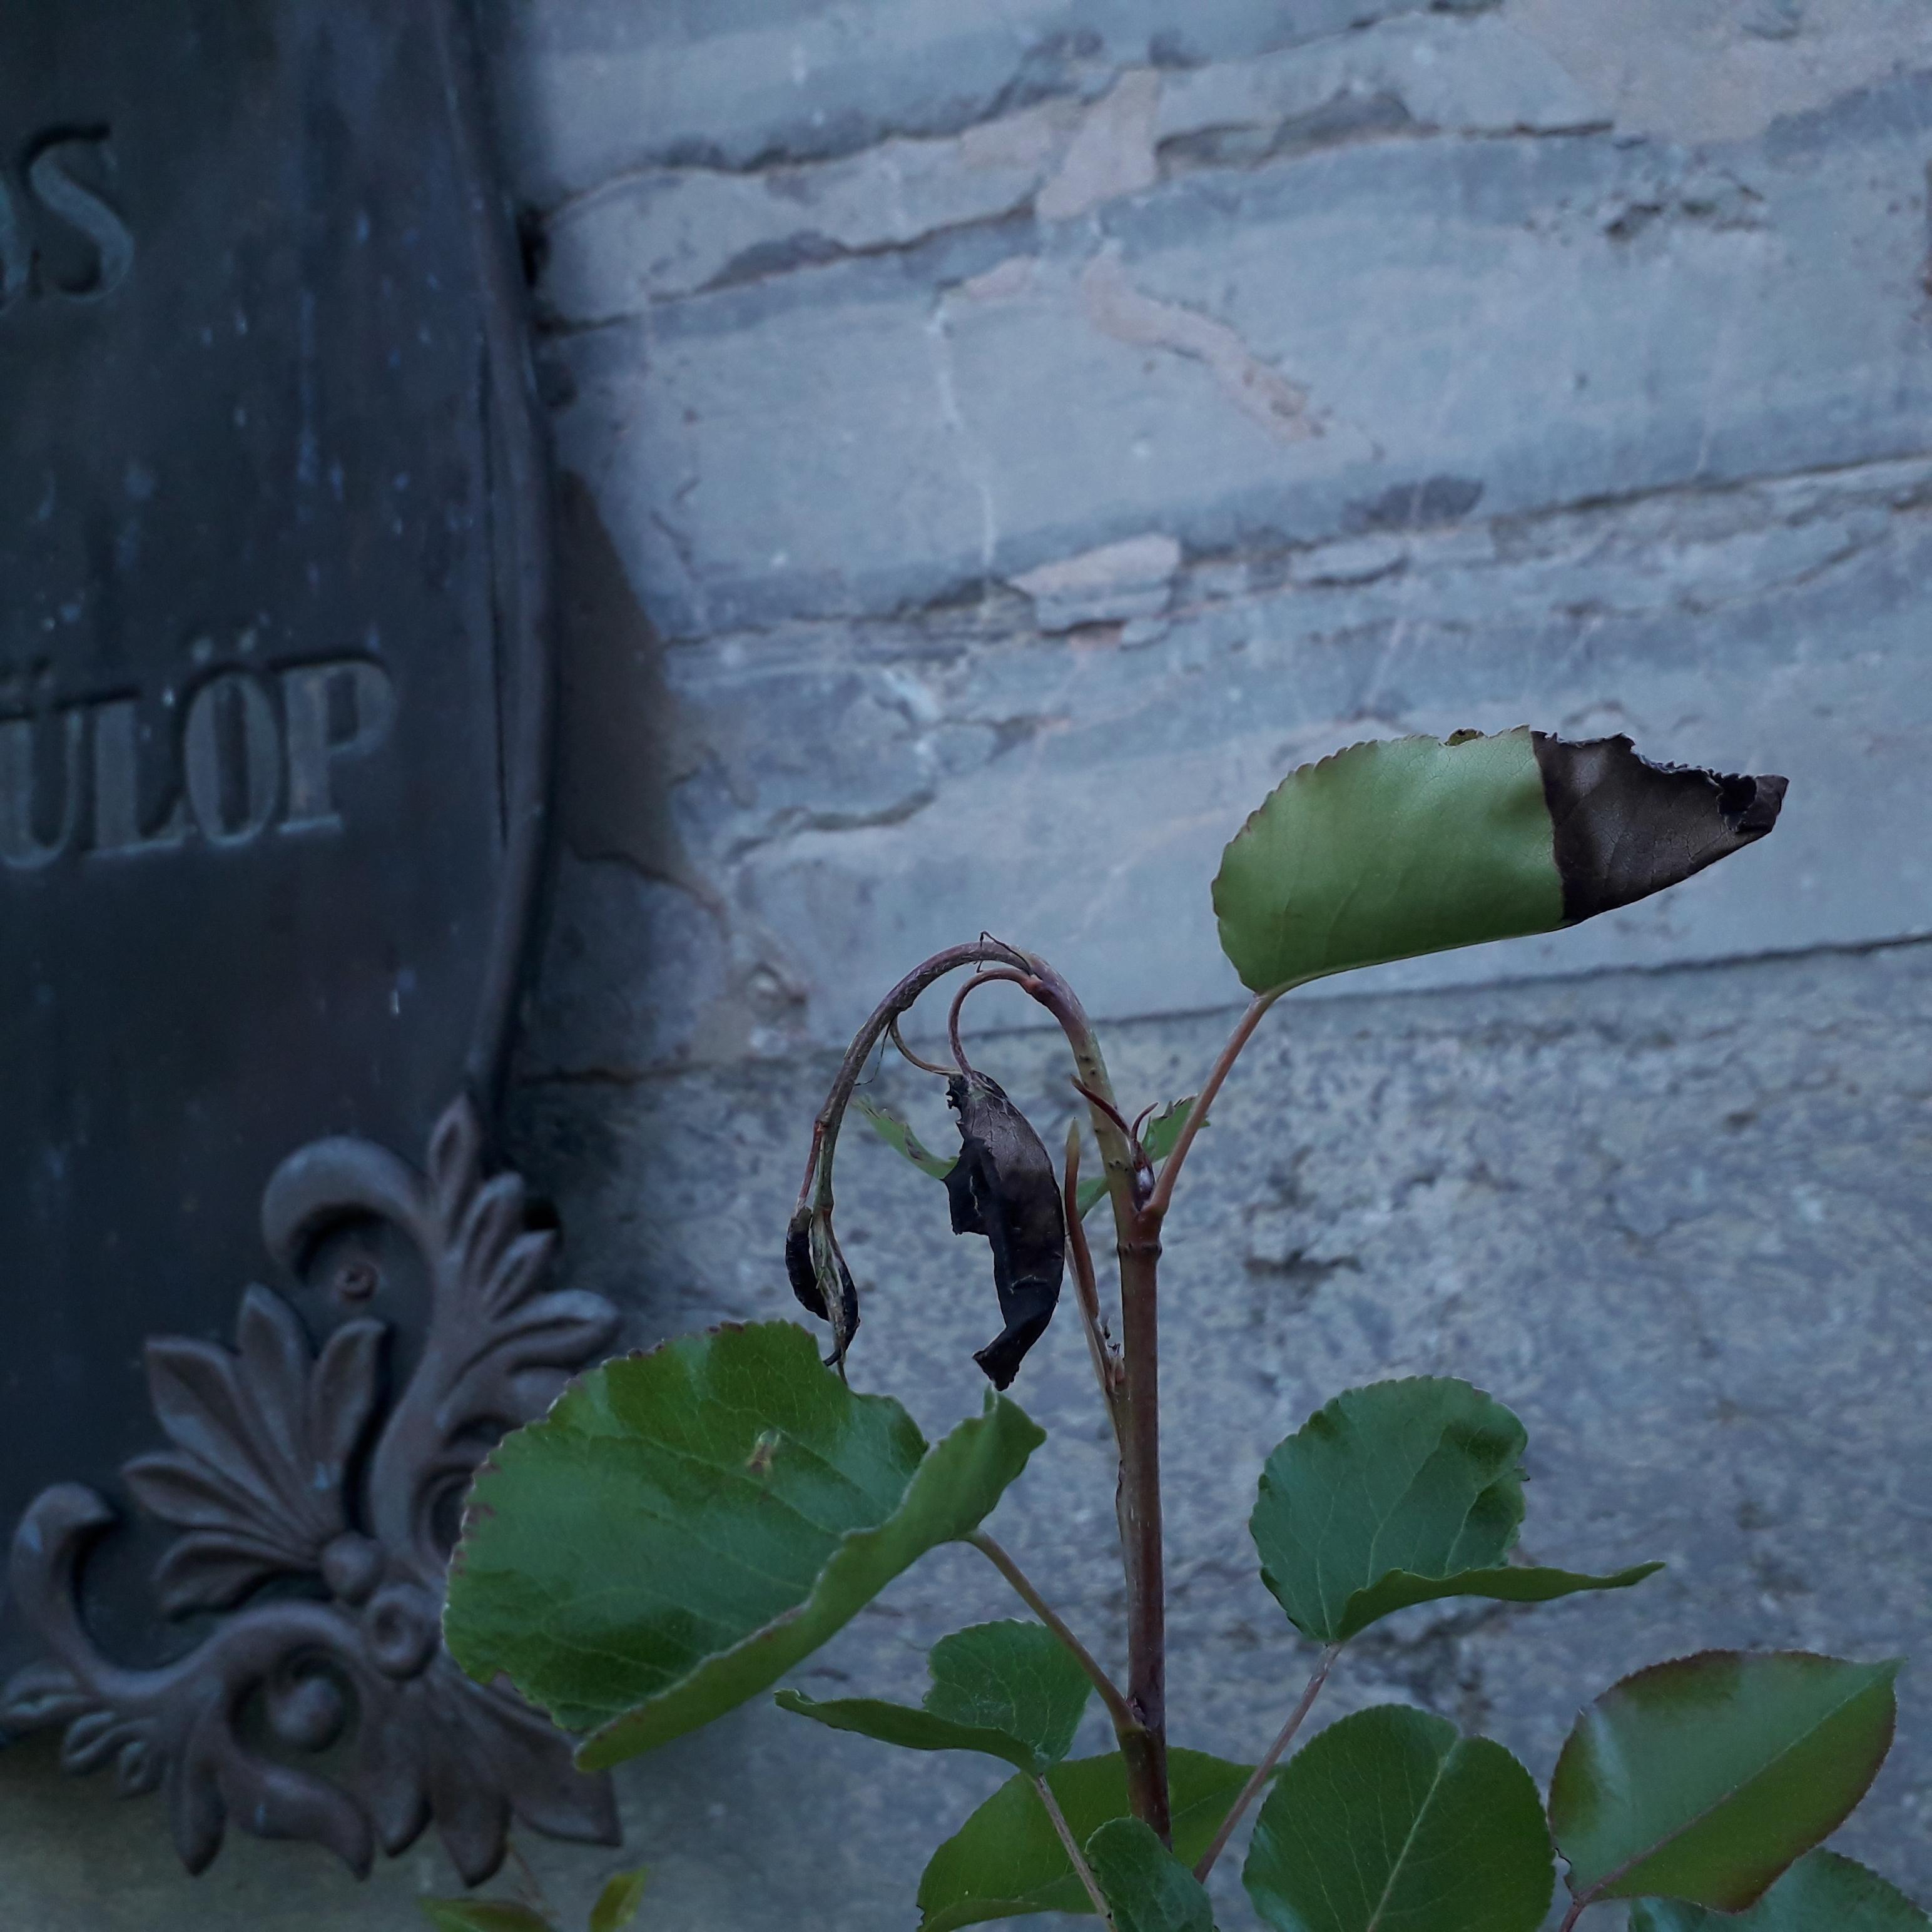 Hajtáshervasztó darázs kártétele vadkörtén a körmendi Obeliszknél